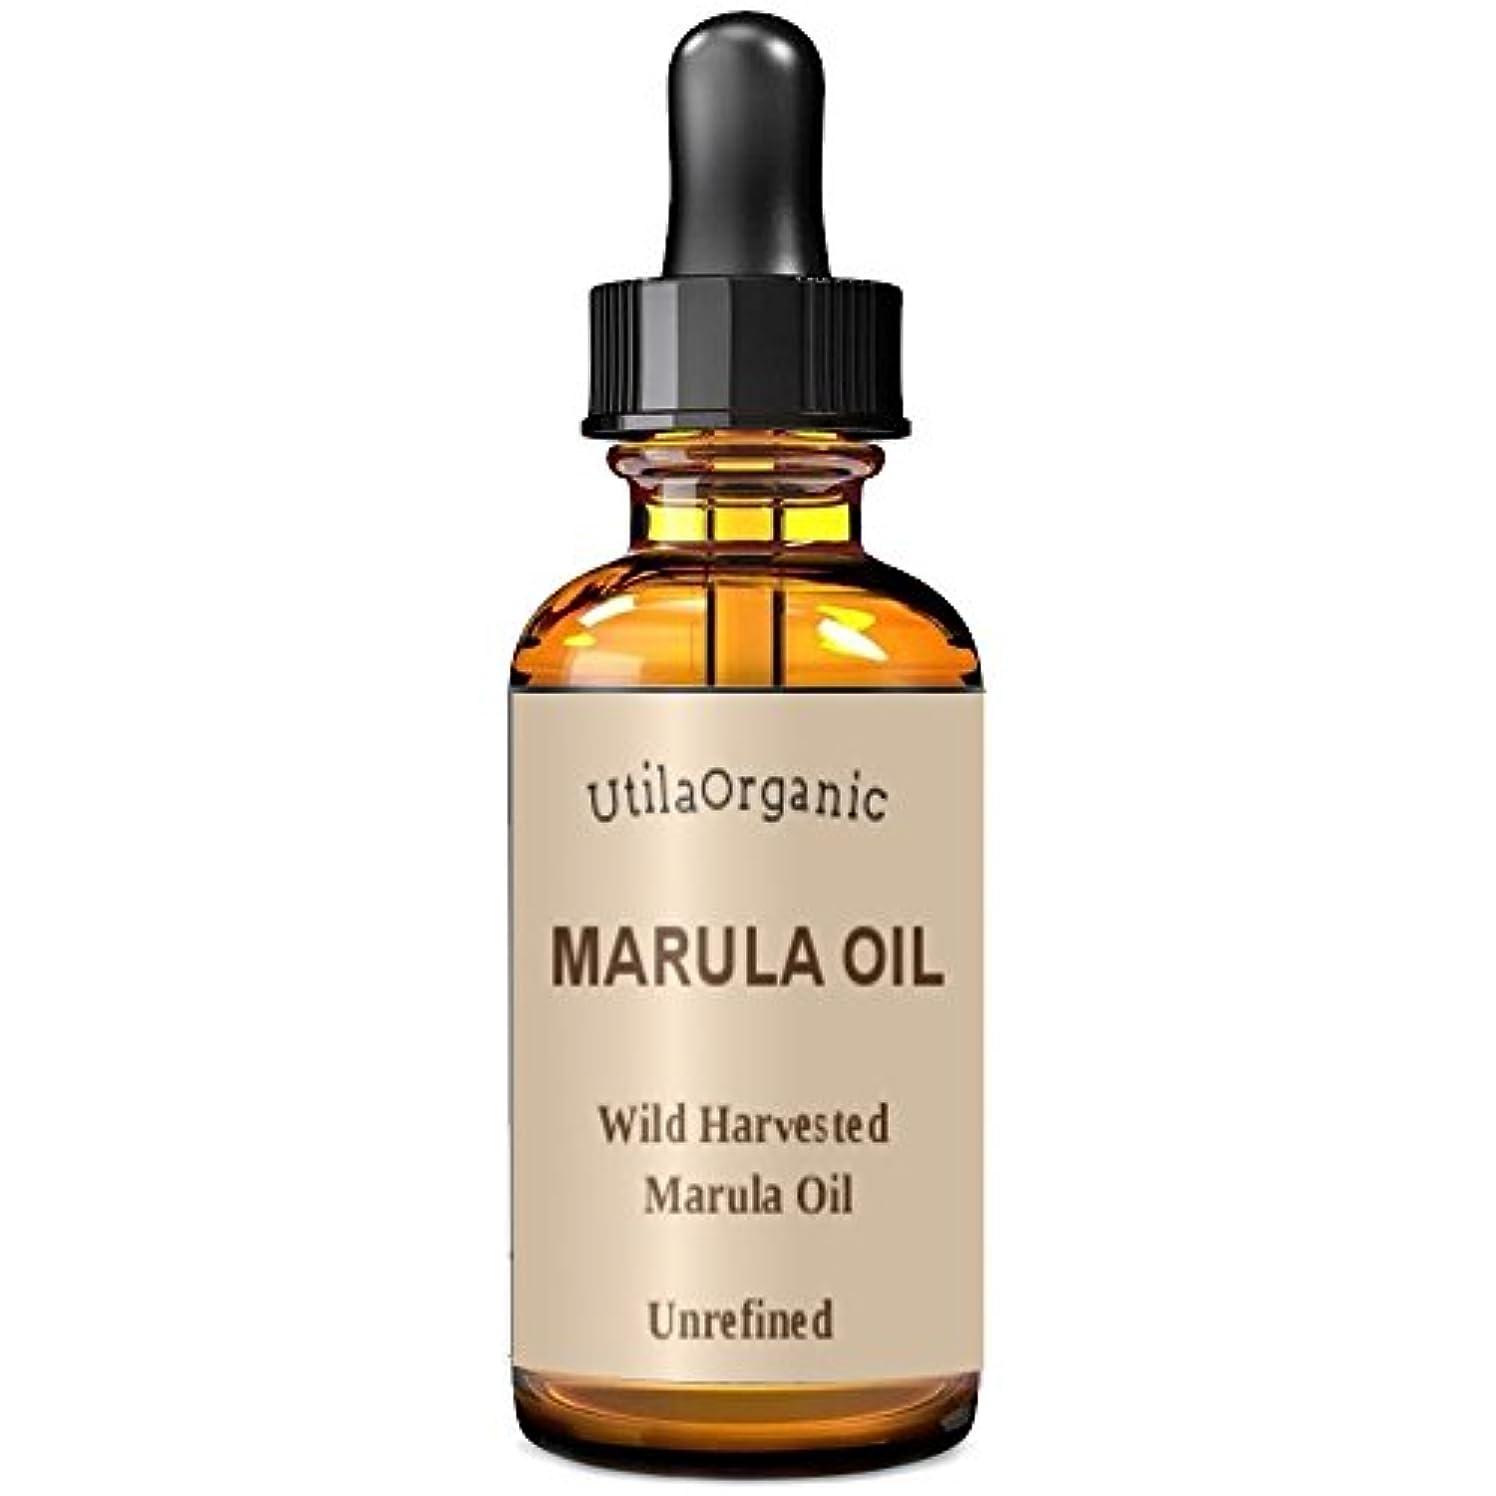 サービスマザーランド忘れっぽい未精製 マルラオイル 60ml Marula Oil 100% pure and natural 【並行輸入品】